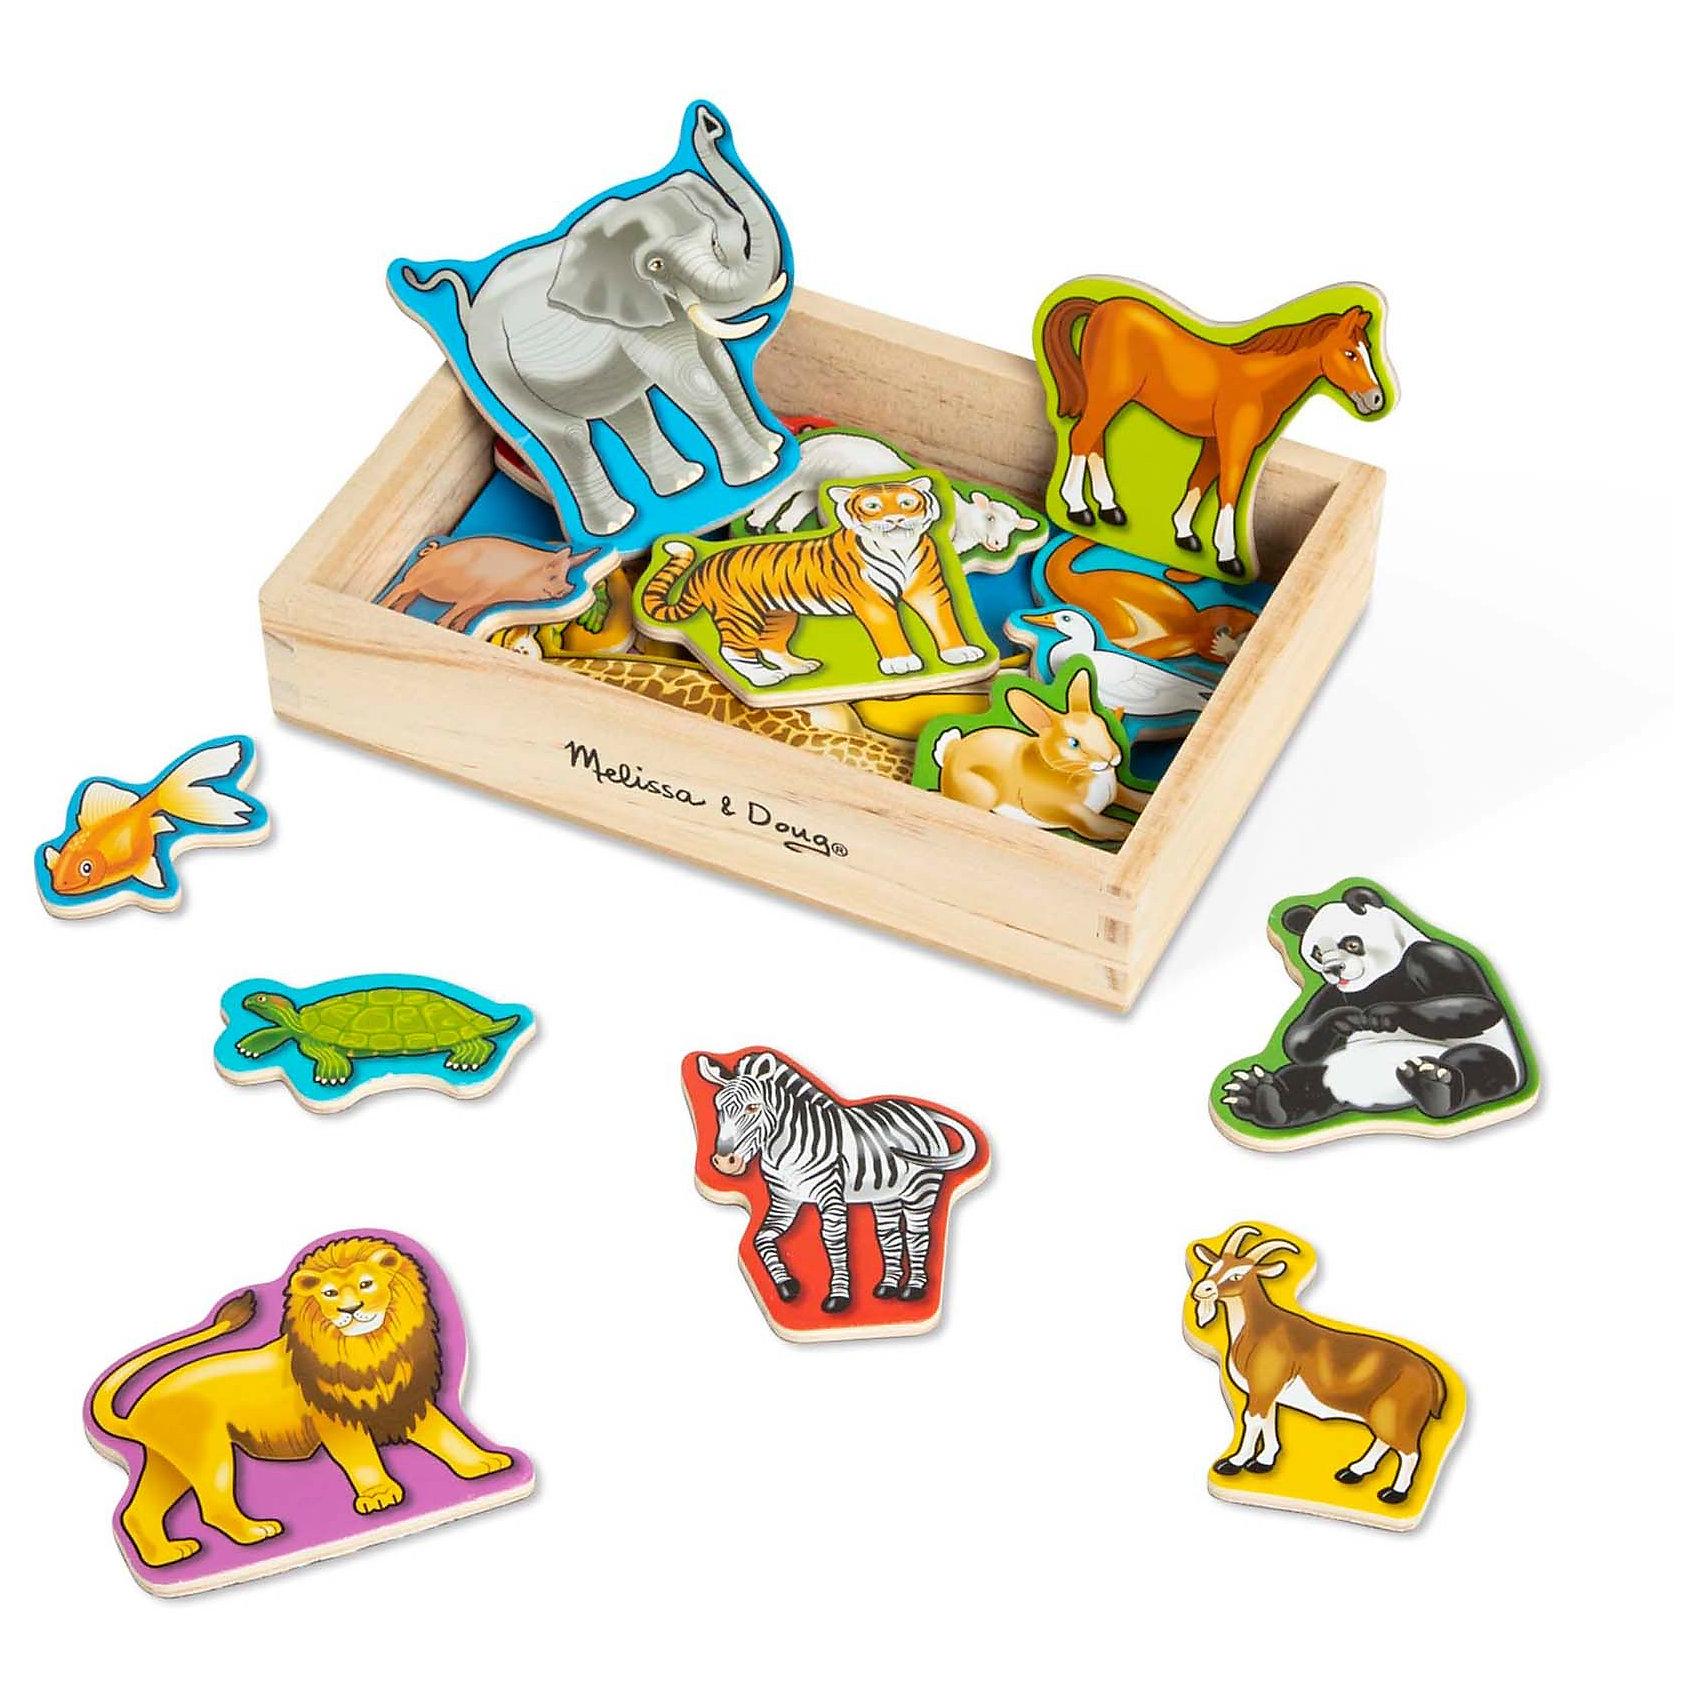 Магнитная деревянная игра Животные, Melissa&amp;DougРазвивающие игры<br>Магнитная деревянная игра Животные, Melissa&amp;Doug - красочная развивающая игрушка, которая познакомит Вашего малыша с разными видами животных. В комплект входят 20 фигурок домашних и диких животных на магнитах. Можно предложить малышу игру - рассортировать всех животных на тех, кто помогает человеку, и тех, кто предпочитает вольное существование в дикой природе. Фигурки упакованы в удобный, компактный деревянный ящичек, их можно крепить на любую плоскую металлическую поверхность. Набор способствует развитию мелкой моторики рук и зрительного восприятия. <br><br>Дополнительная информация:<br><br>- В комплекте: 20 фигурок животных.<br>- Материал: дерево, магнит.<br>- Размер упаковки: 20 х 14 х 5 см. <br>- Вес: 0,4 кг.<br><br>Магнитную деревянную игру Животные, Melissa&amp;Doug, можно купить в нашем магазине.<br><br>Ширина мм: 40<br>Глубина мм: 140<br>Высота мм: 200<br>Вес г: 440<br>Возраст от месяцев: 36<br>Возраст до месяцев: 72<br>Пол: Унисекс<br>Возраст: Детский<br>SKU: 2401088